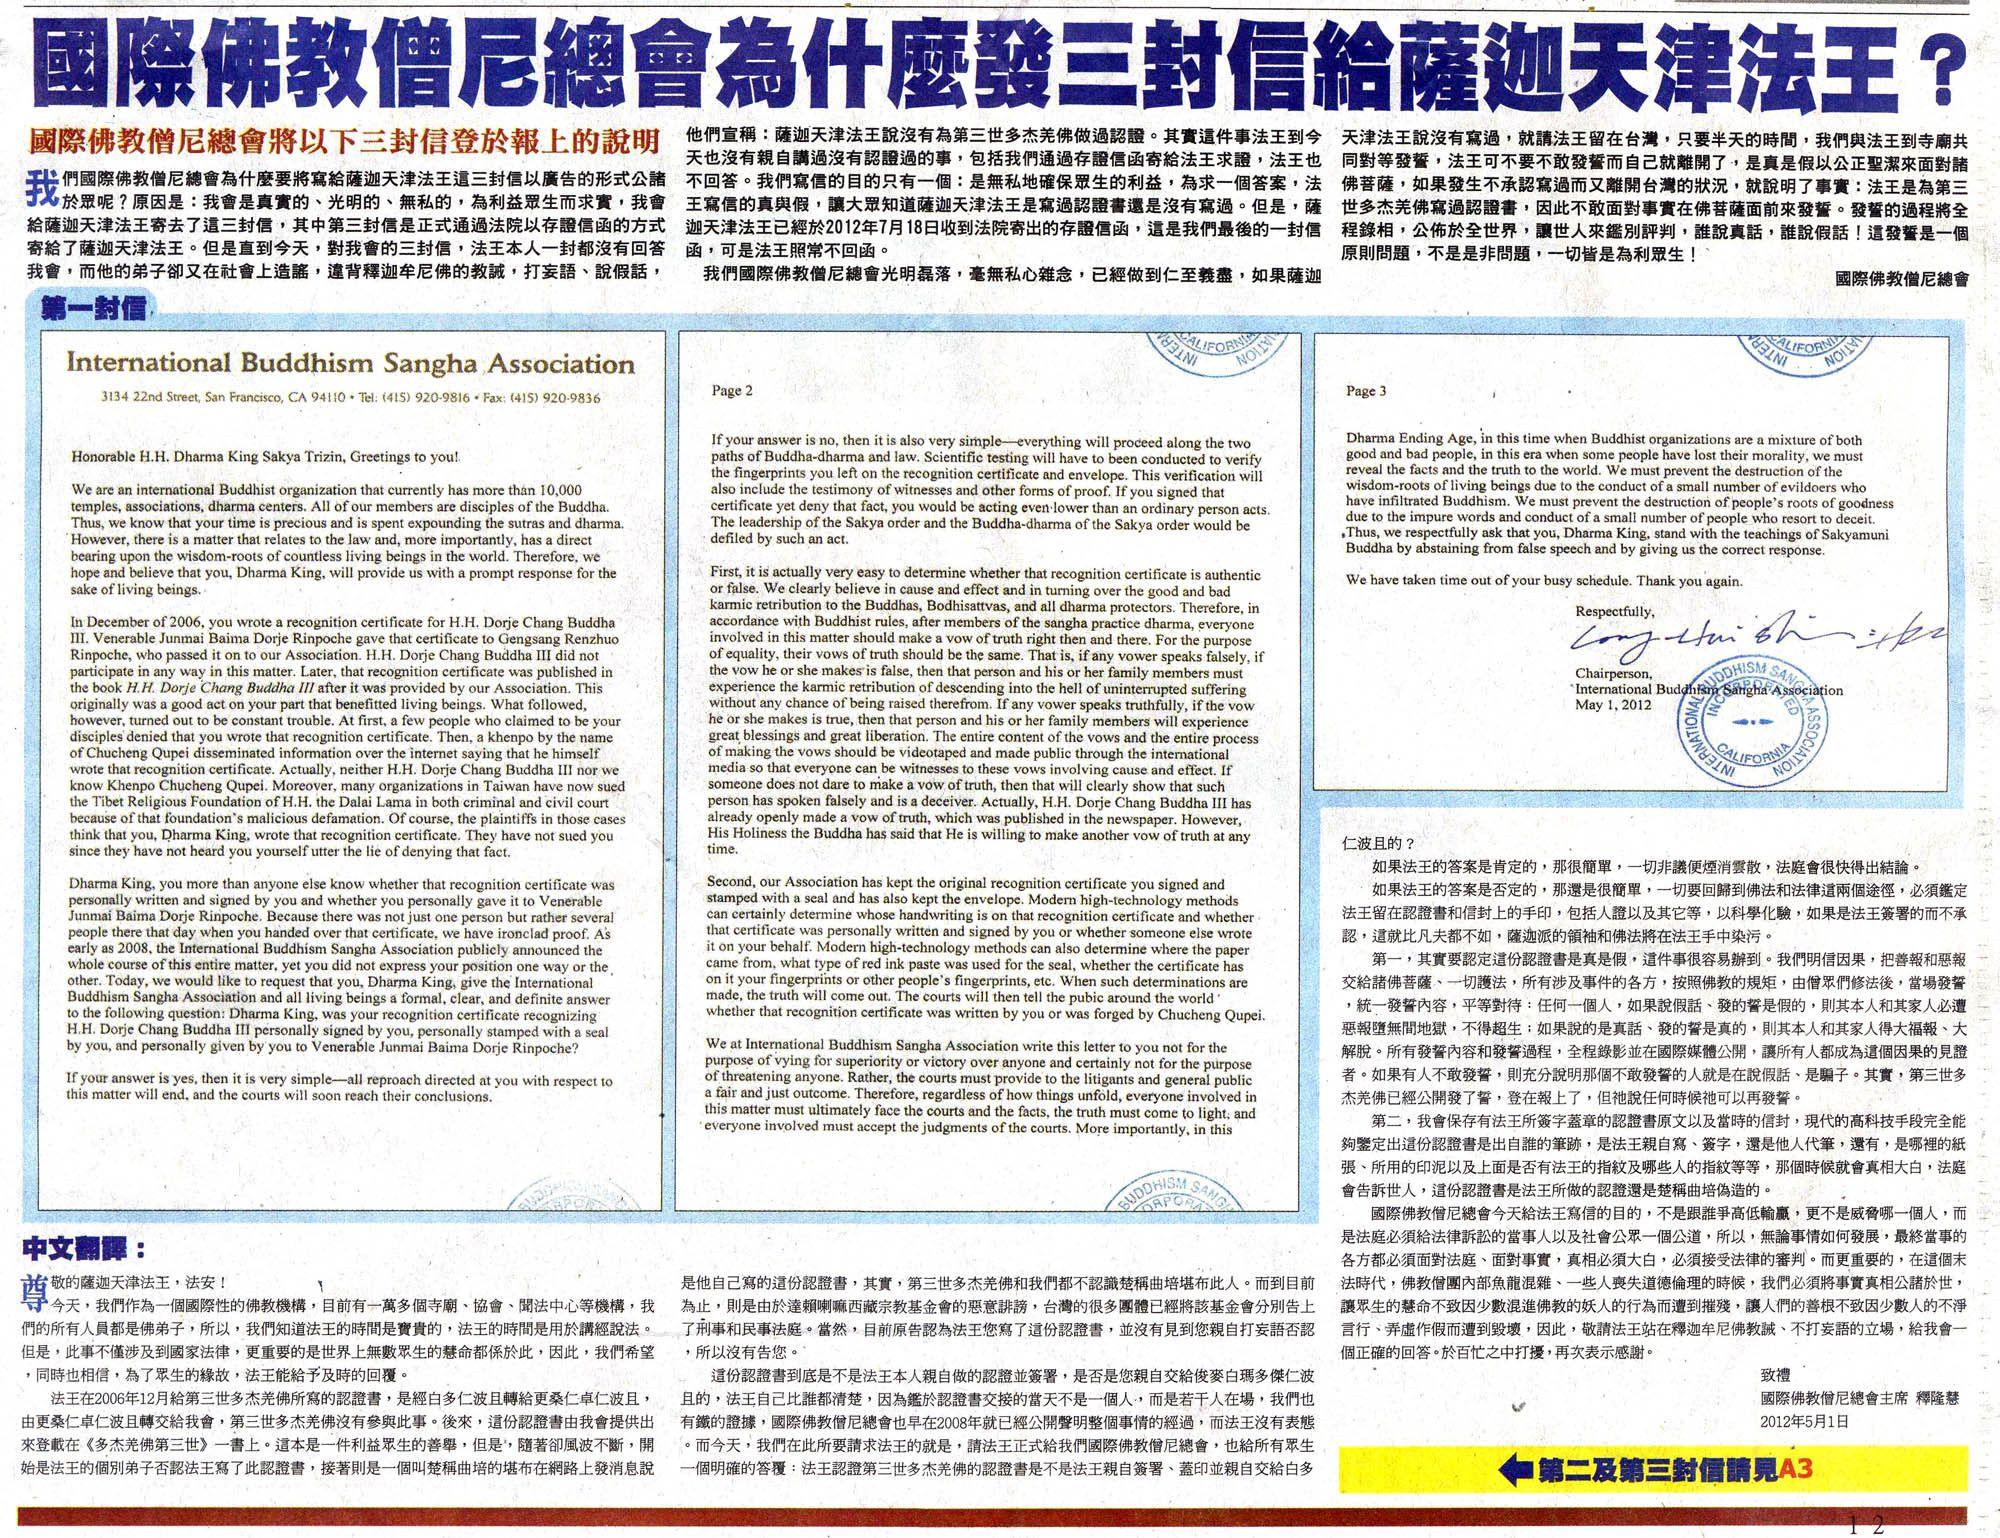 國際佛教僧尼總會為什麼發三封信給薩迦天津法王?(2012.07.28聯合報)